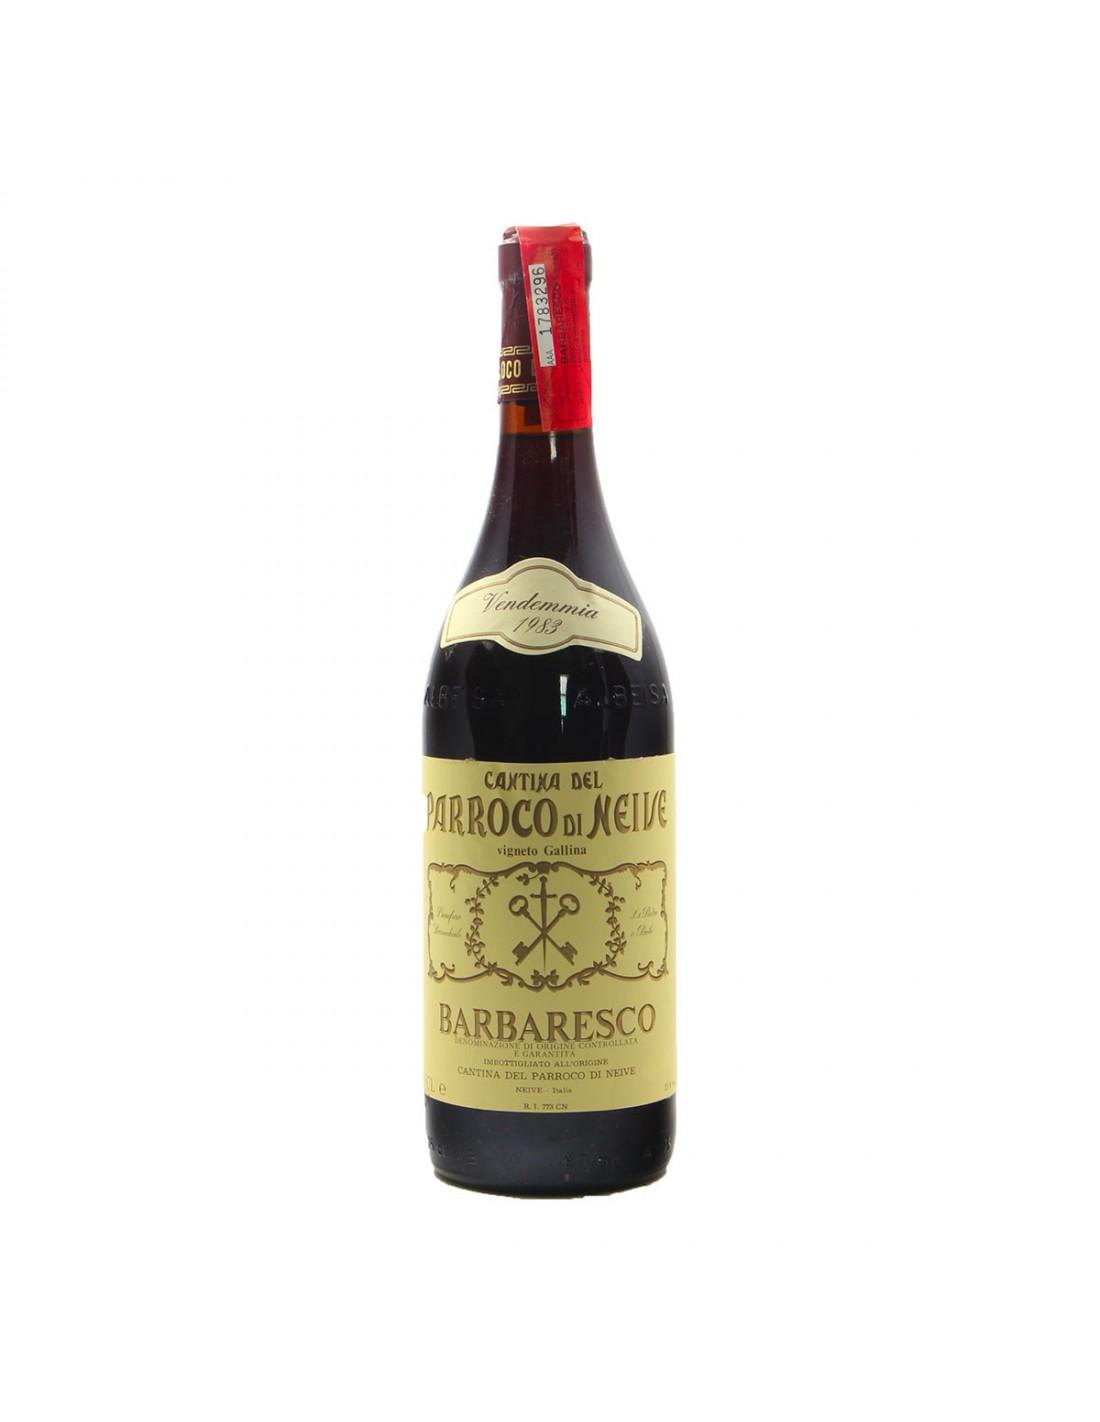 BARBARESCO 1983 CANTINA DEL PARROCO DI NEIVE Grandi Bottiglie